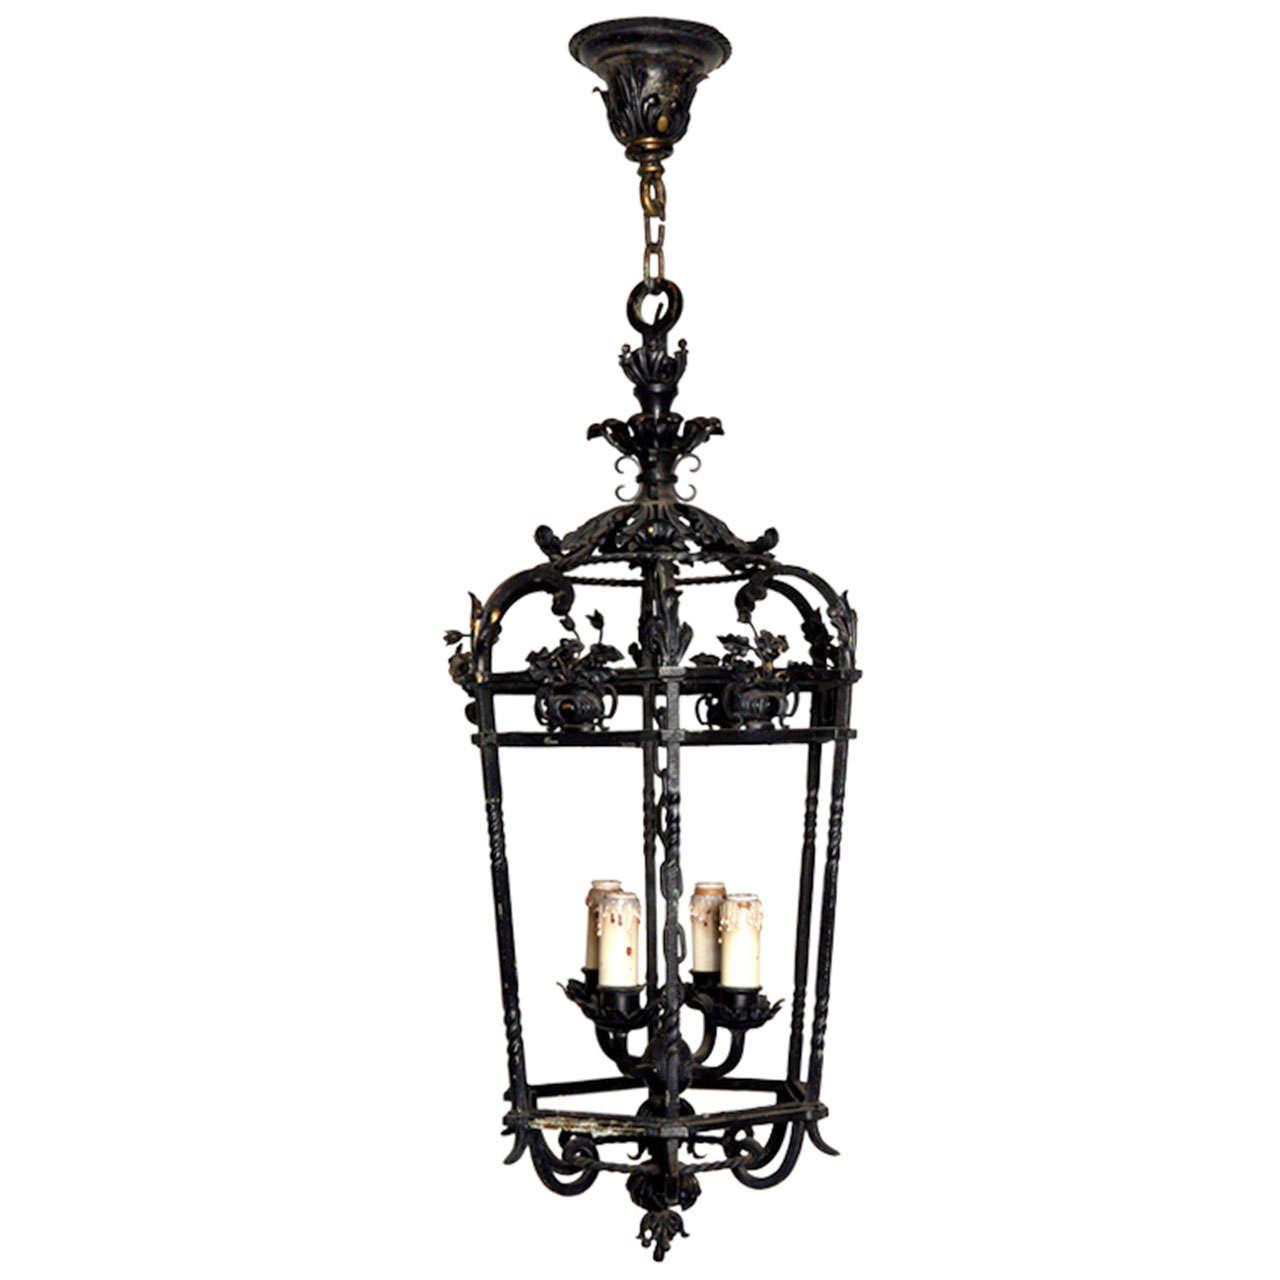 1940 u0026 39 s lantern at 1stdibs